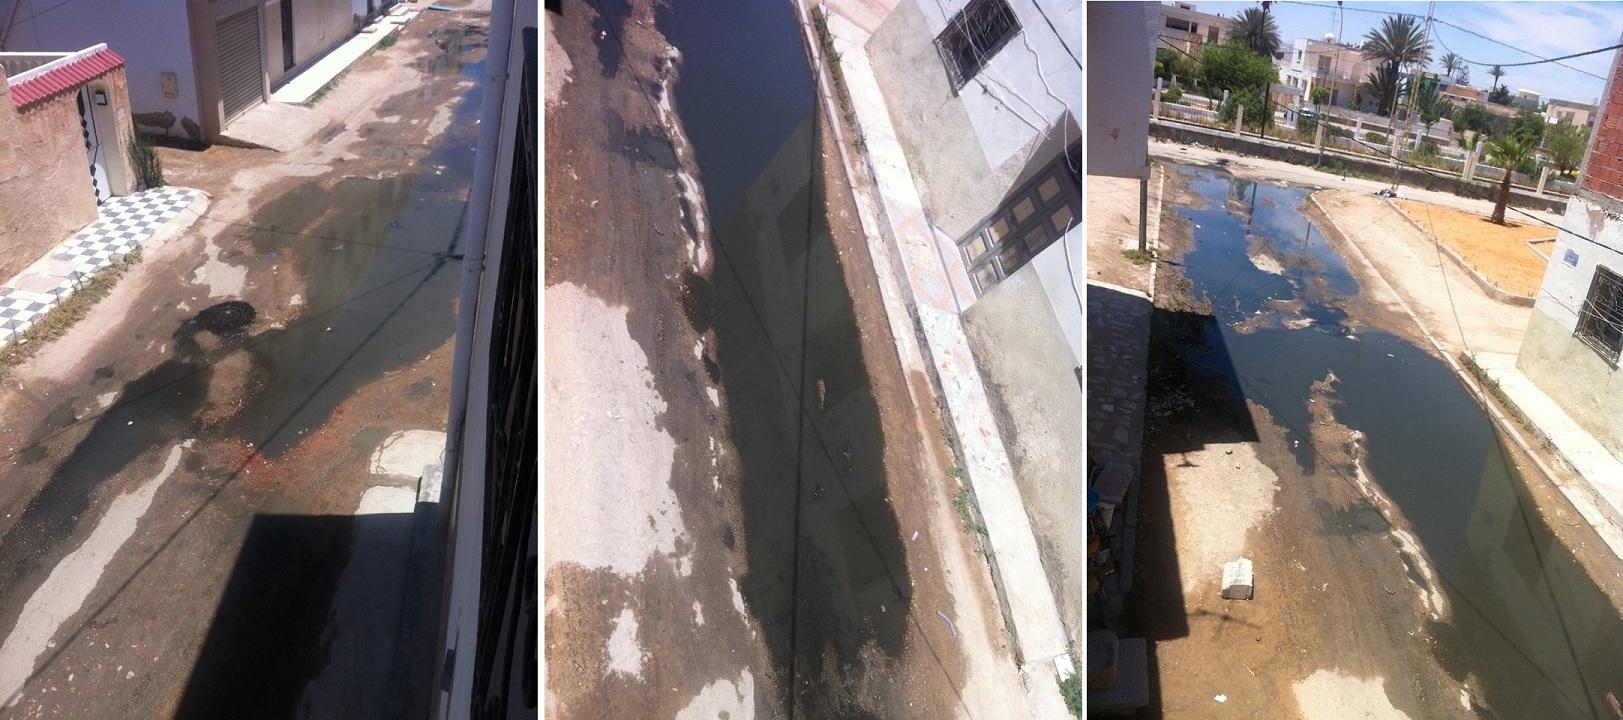 صفاقس : فيضان المياه الأسنة تقلق راحة سكان زنقة تقتق